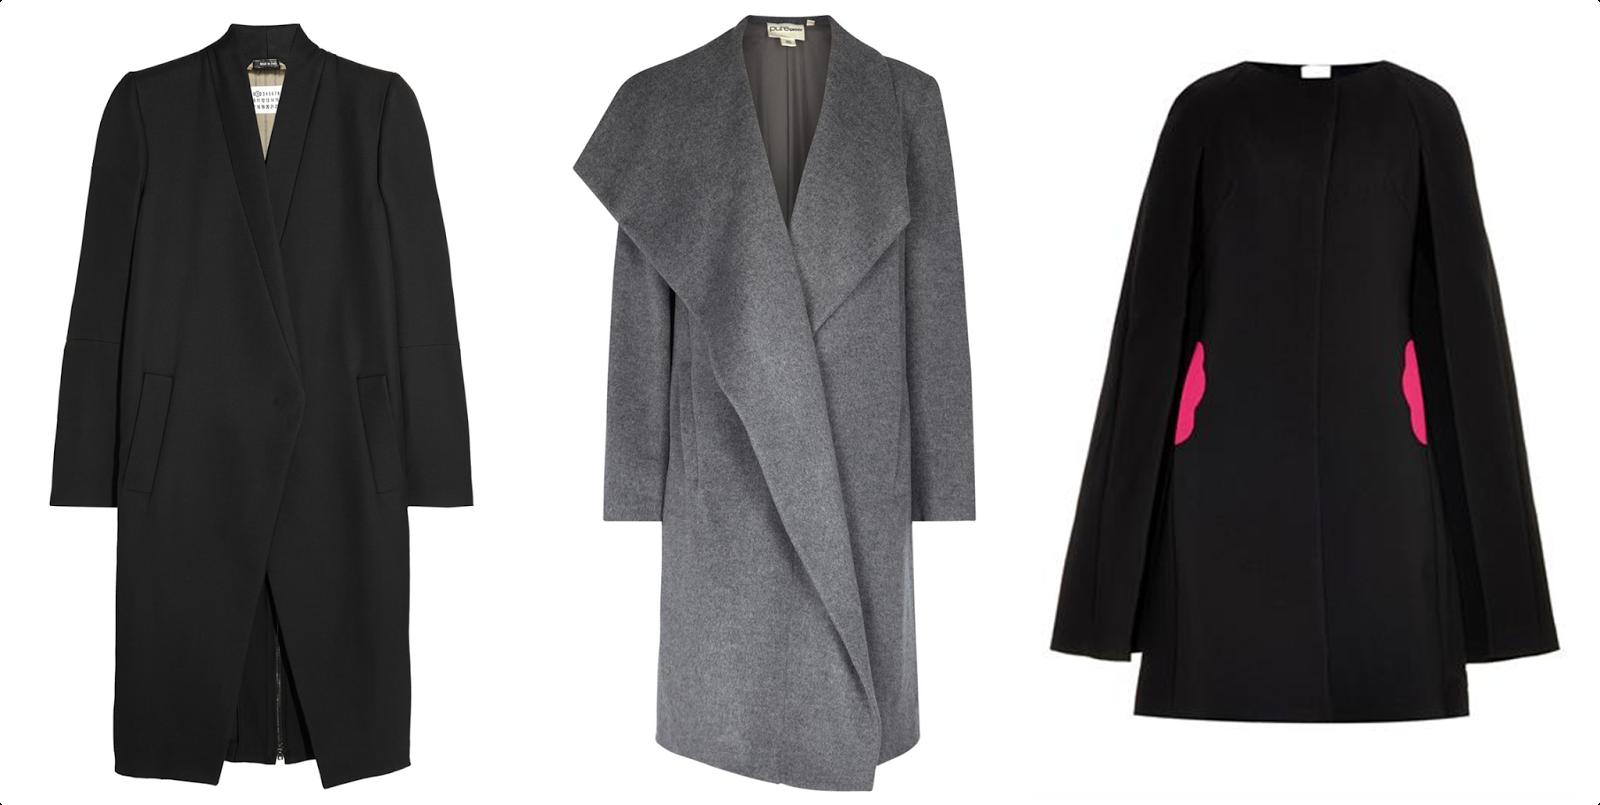 come scegliere il cappotto giusto tipo di fisico